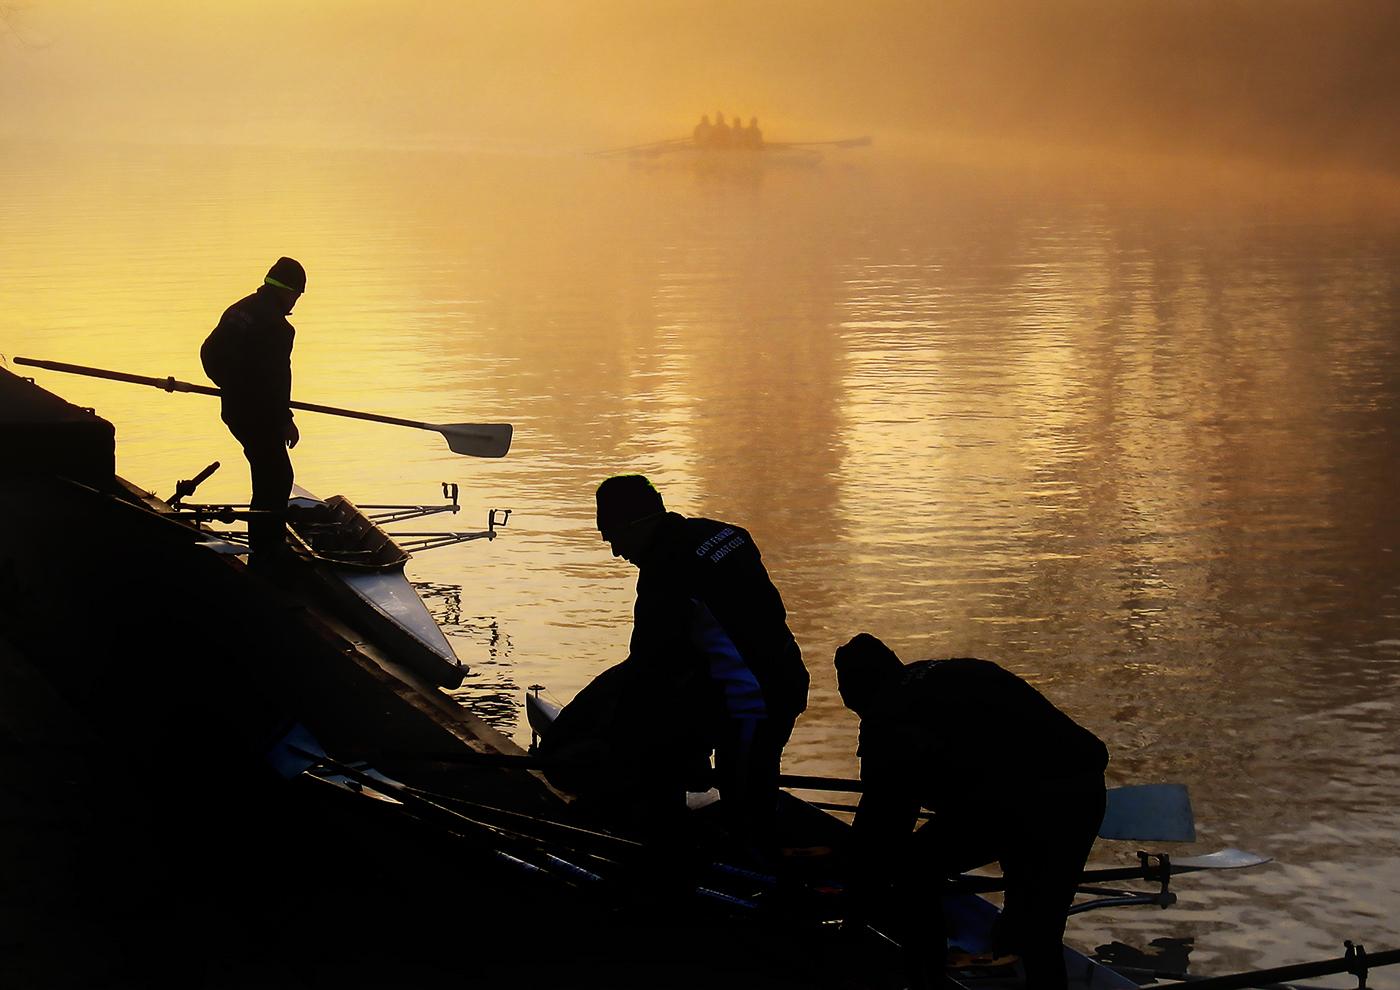 Rowing, winter morning_Allan Highet